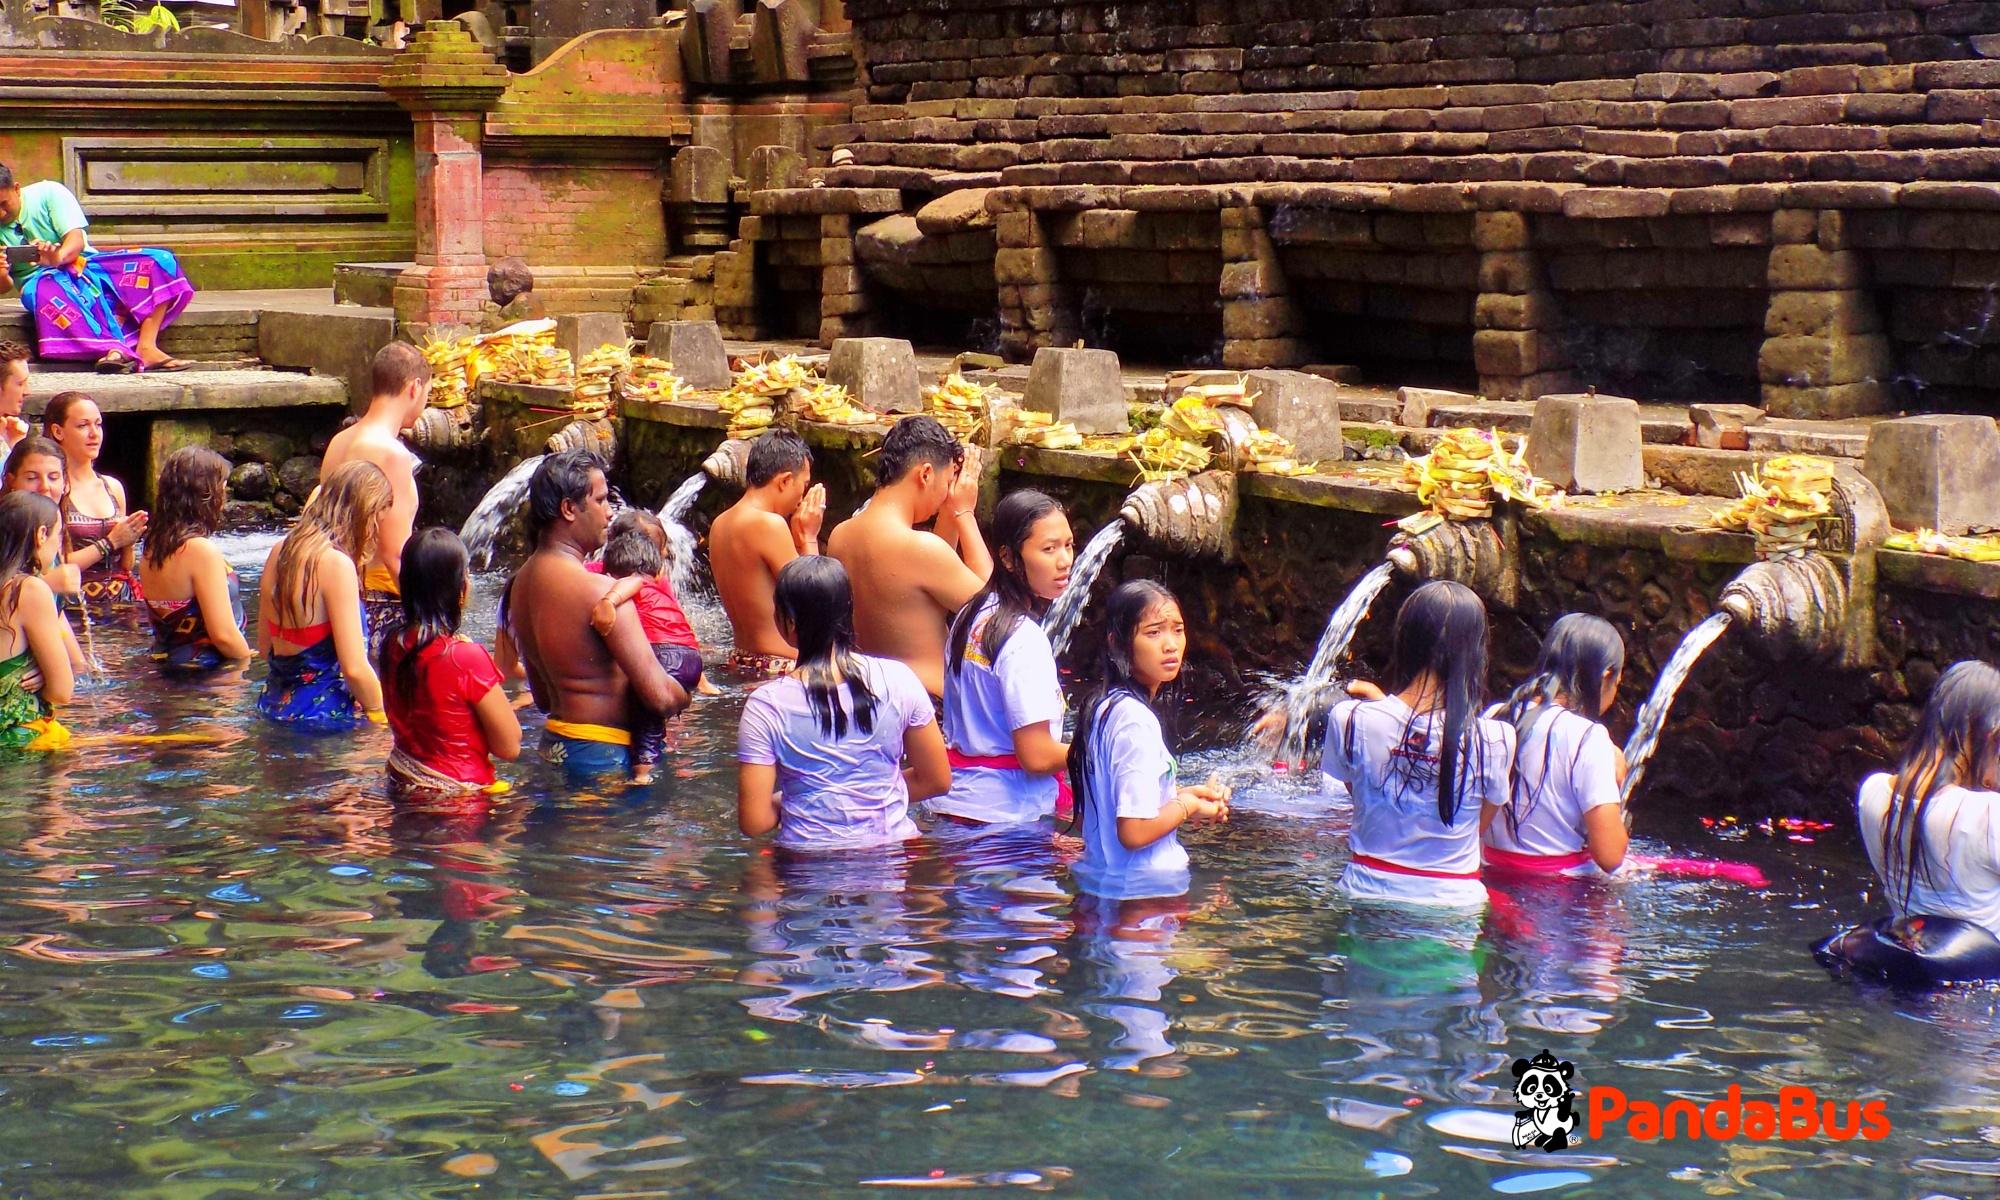 聖なる水が湧く世界遺産『ティルタエンプル寺院』見学